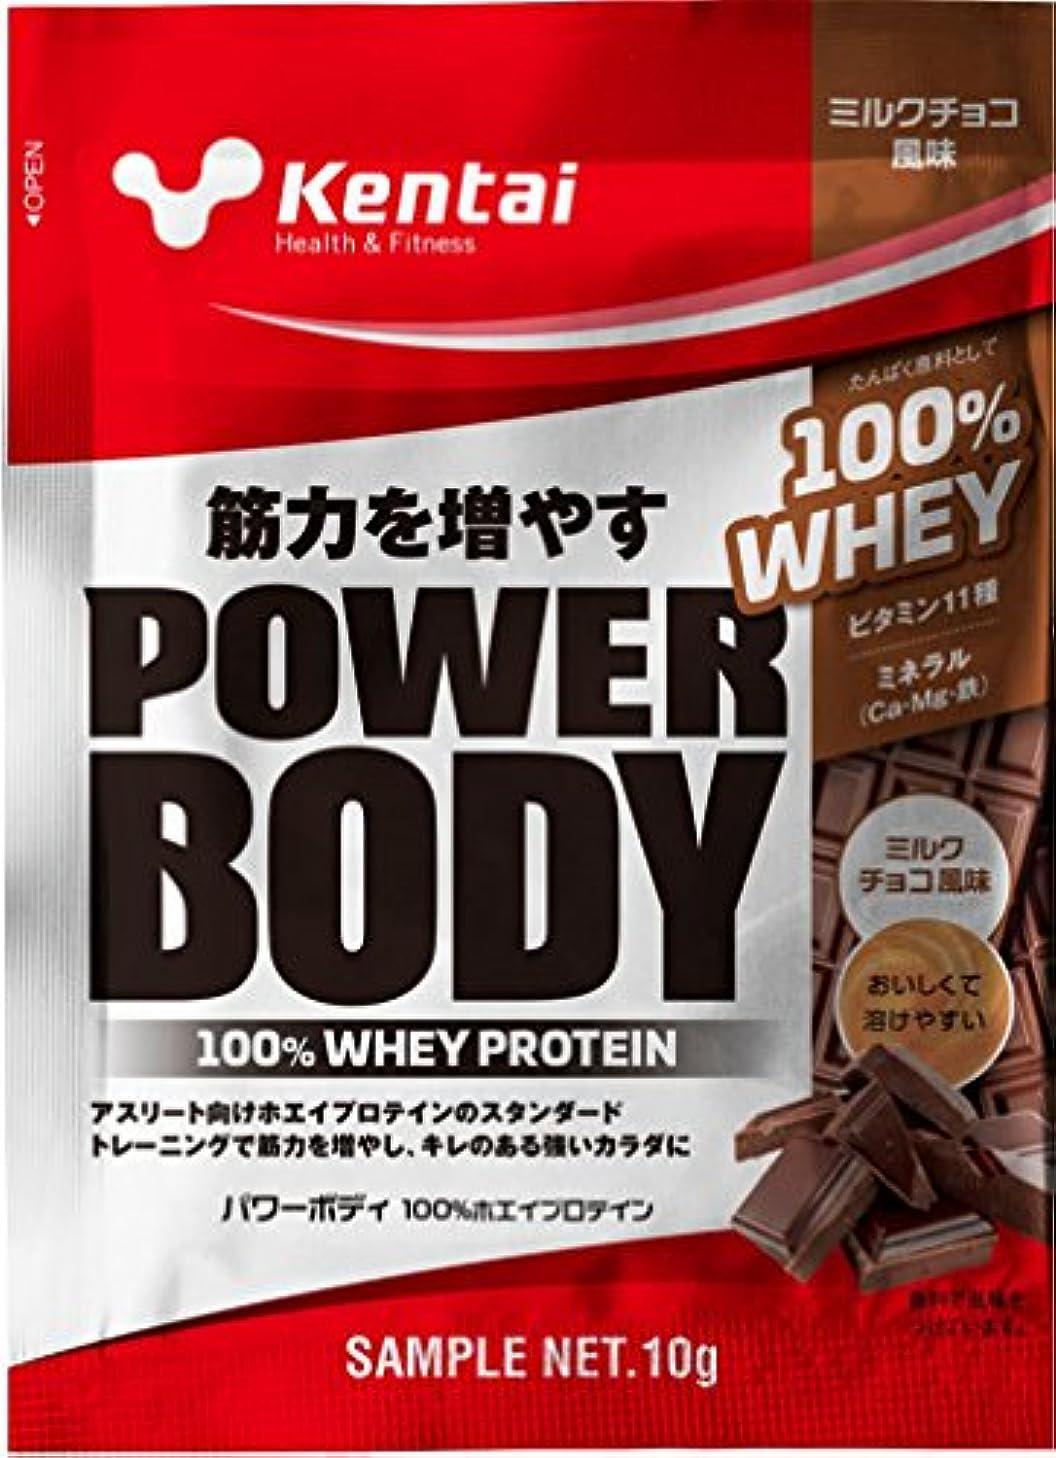 ワット下る誤って【お試し品】Kentai パワーボディ100% ホエイプロテイン ミルクチョコ風味 10g[ドラッグストア サンプルストア対象商品]